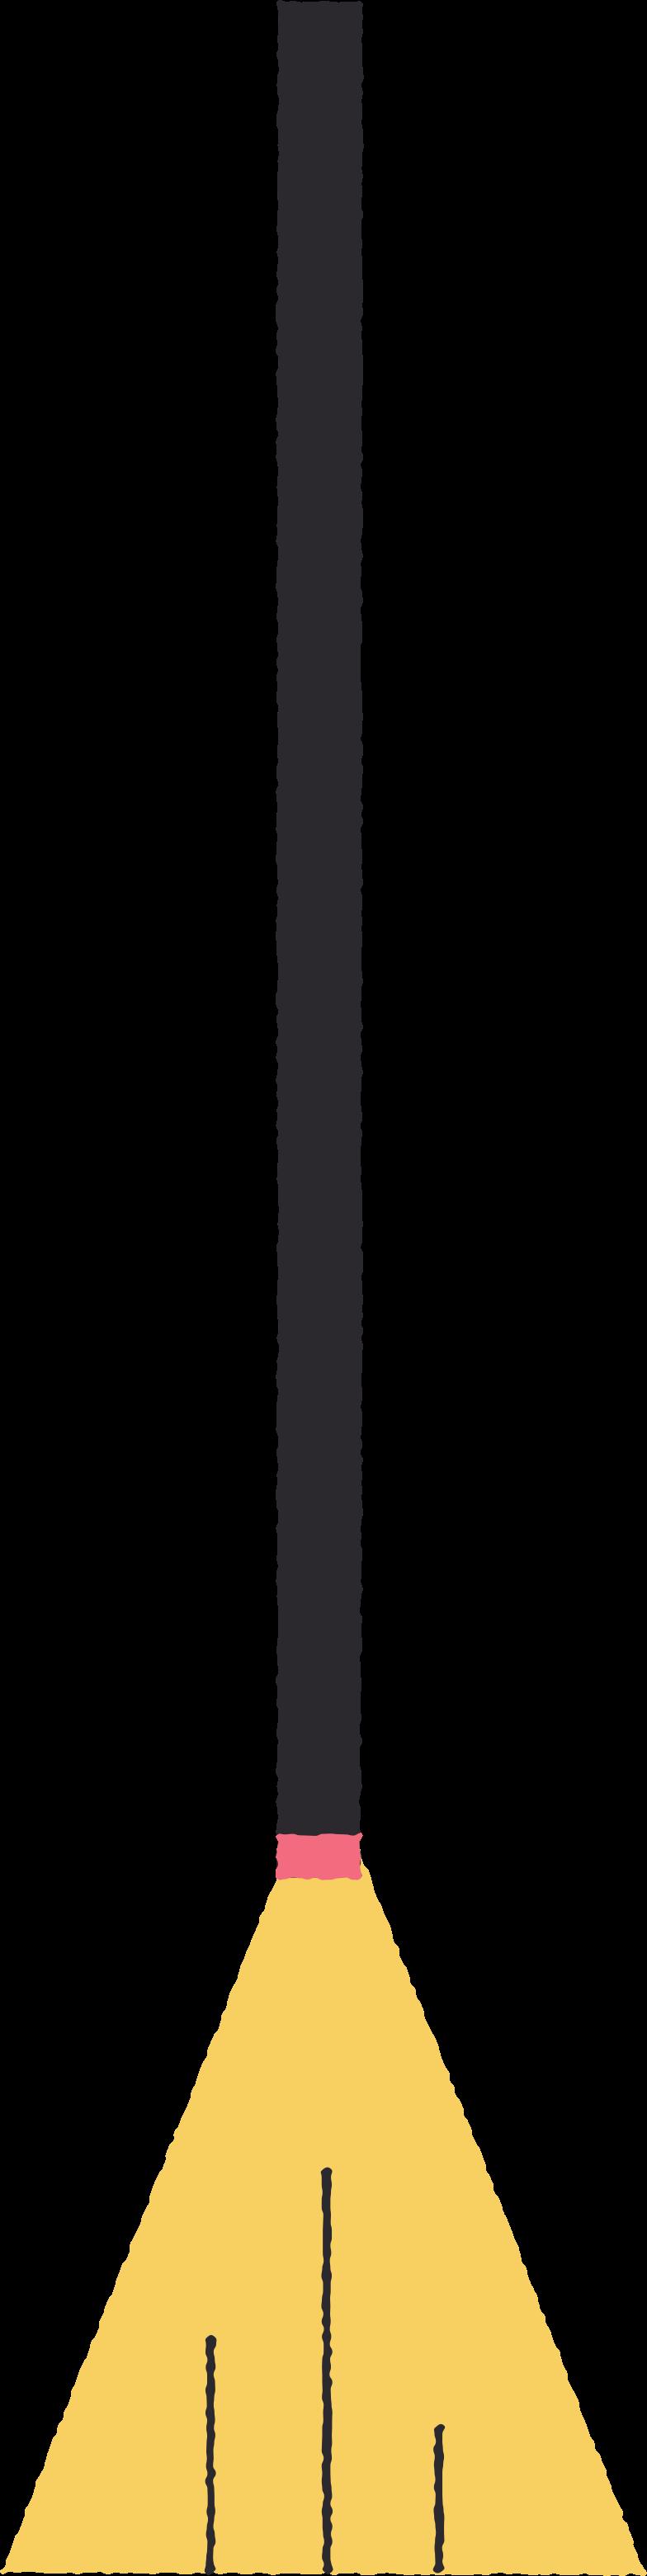 Ilustración de clipart de broom en PNG, SVG